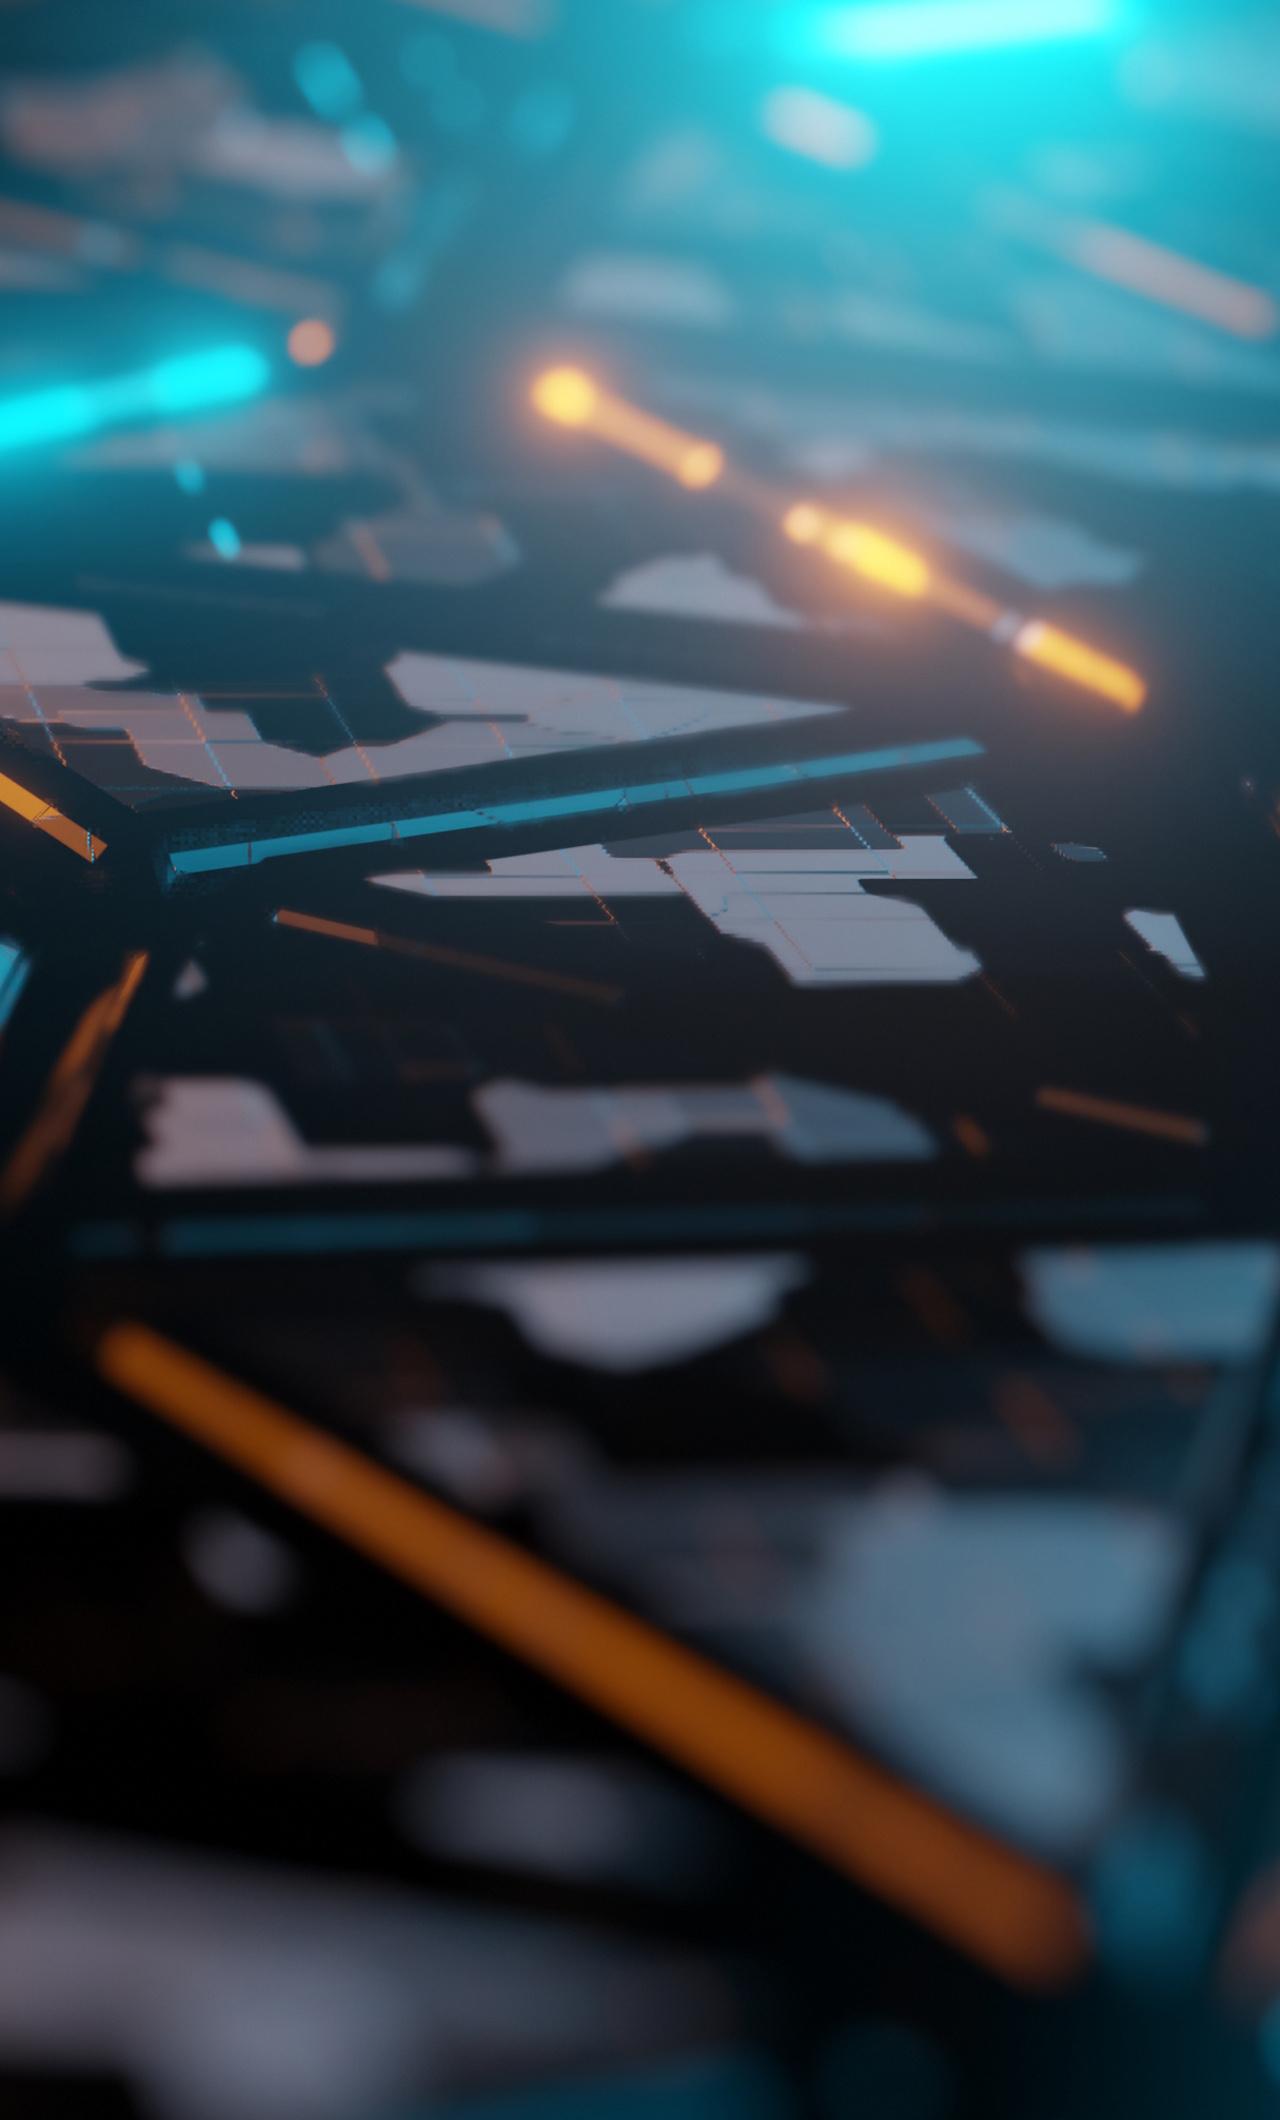 tiles-art-4k-3o.jpg